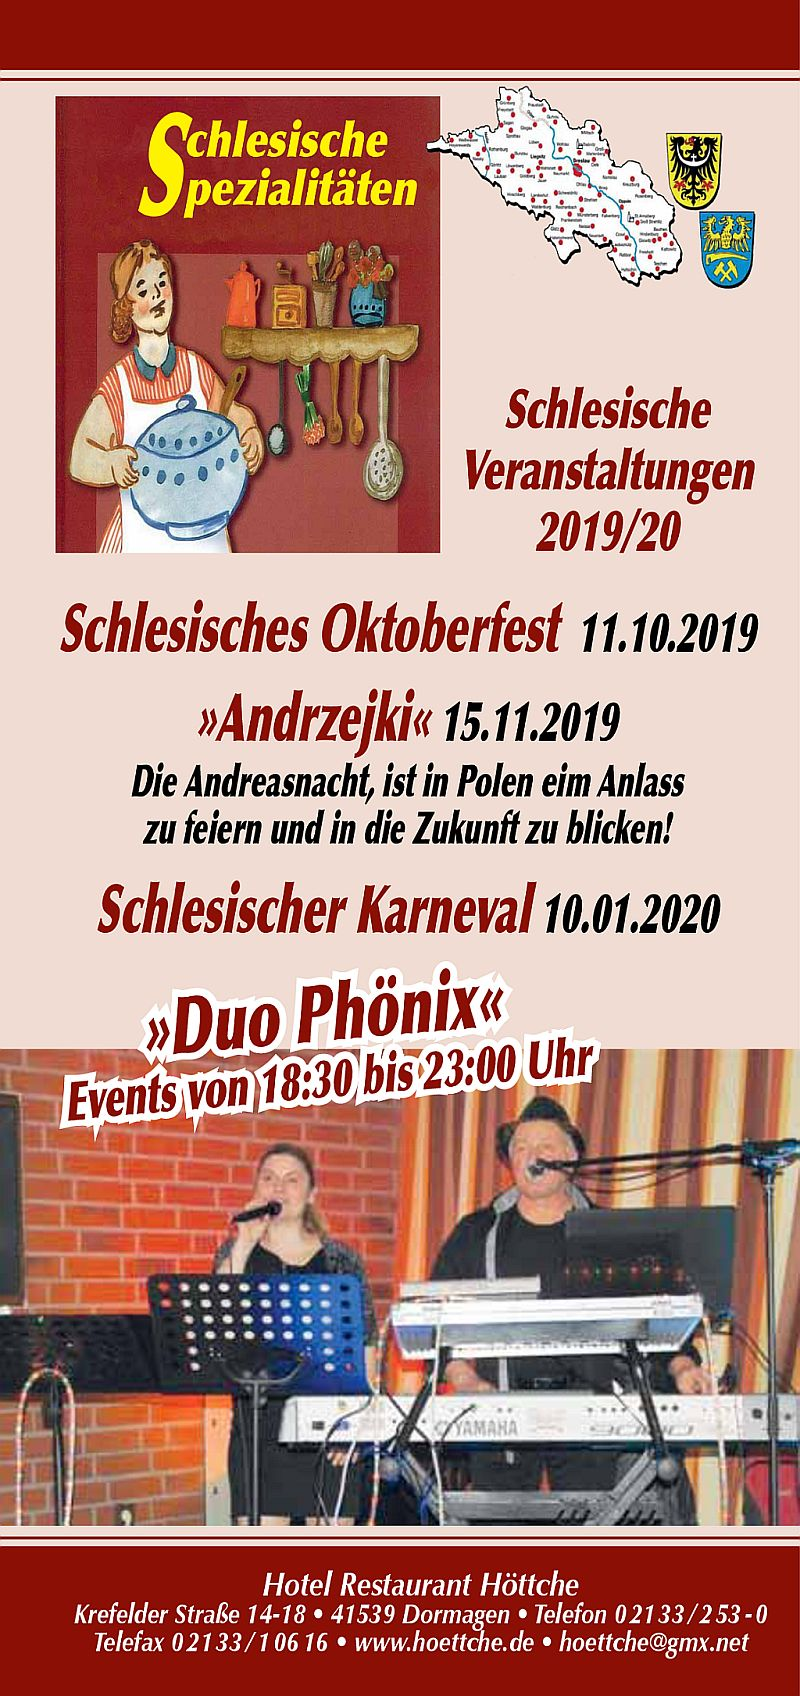 Schlesische Veranstaltungen 2019/2020 im Hotel Höttche